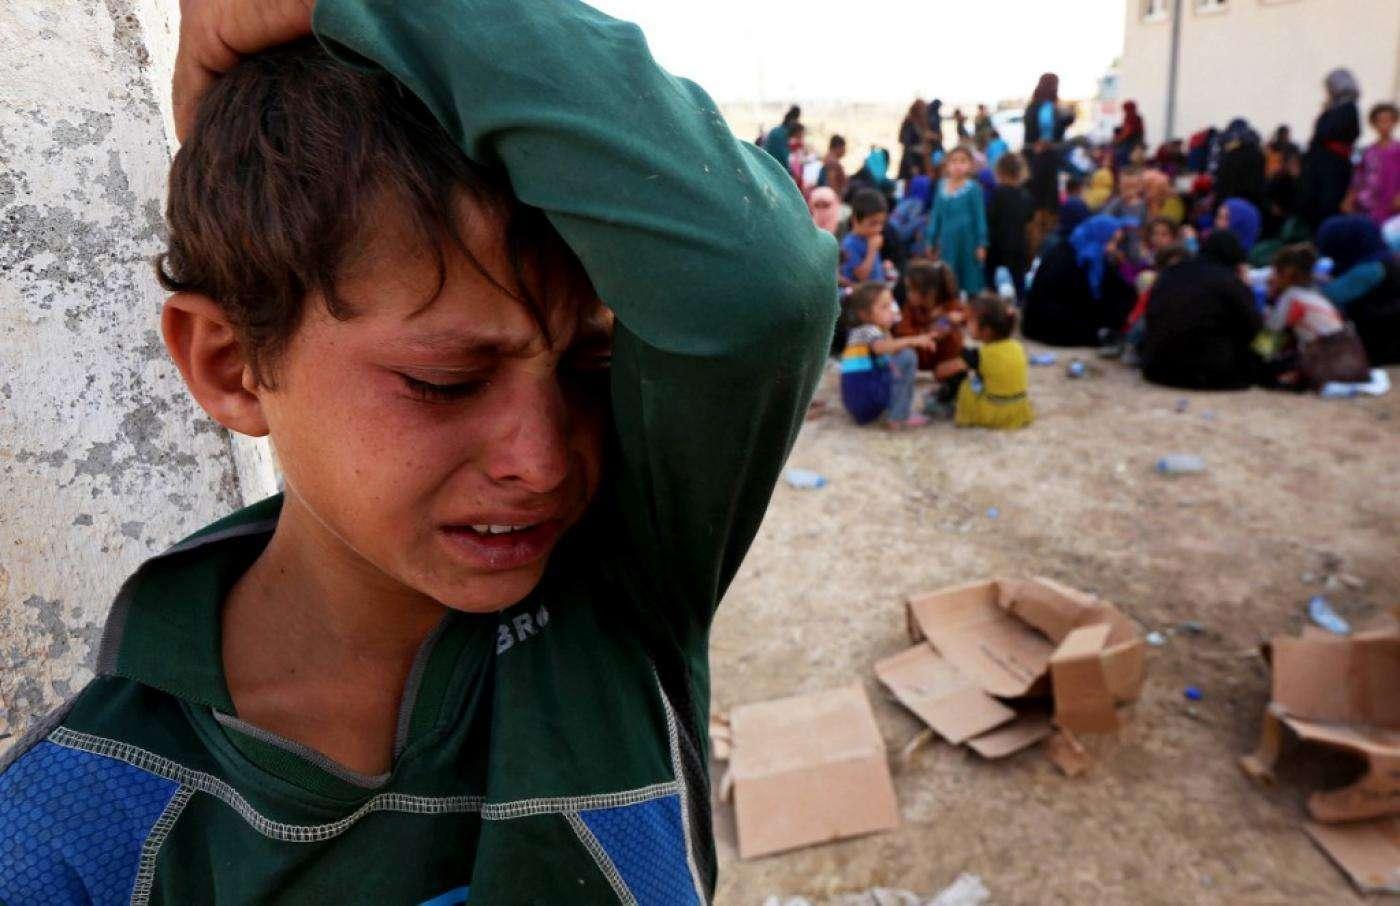 Des milices sunnites irakiennes « recrutent des enfants réfugiés pour se battre contre l'EI »